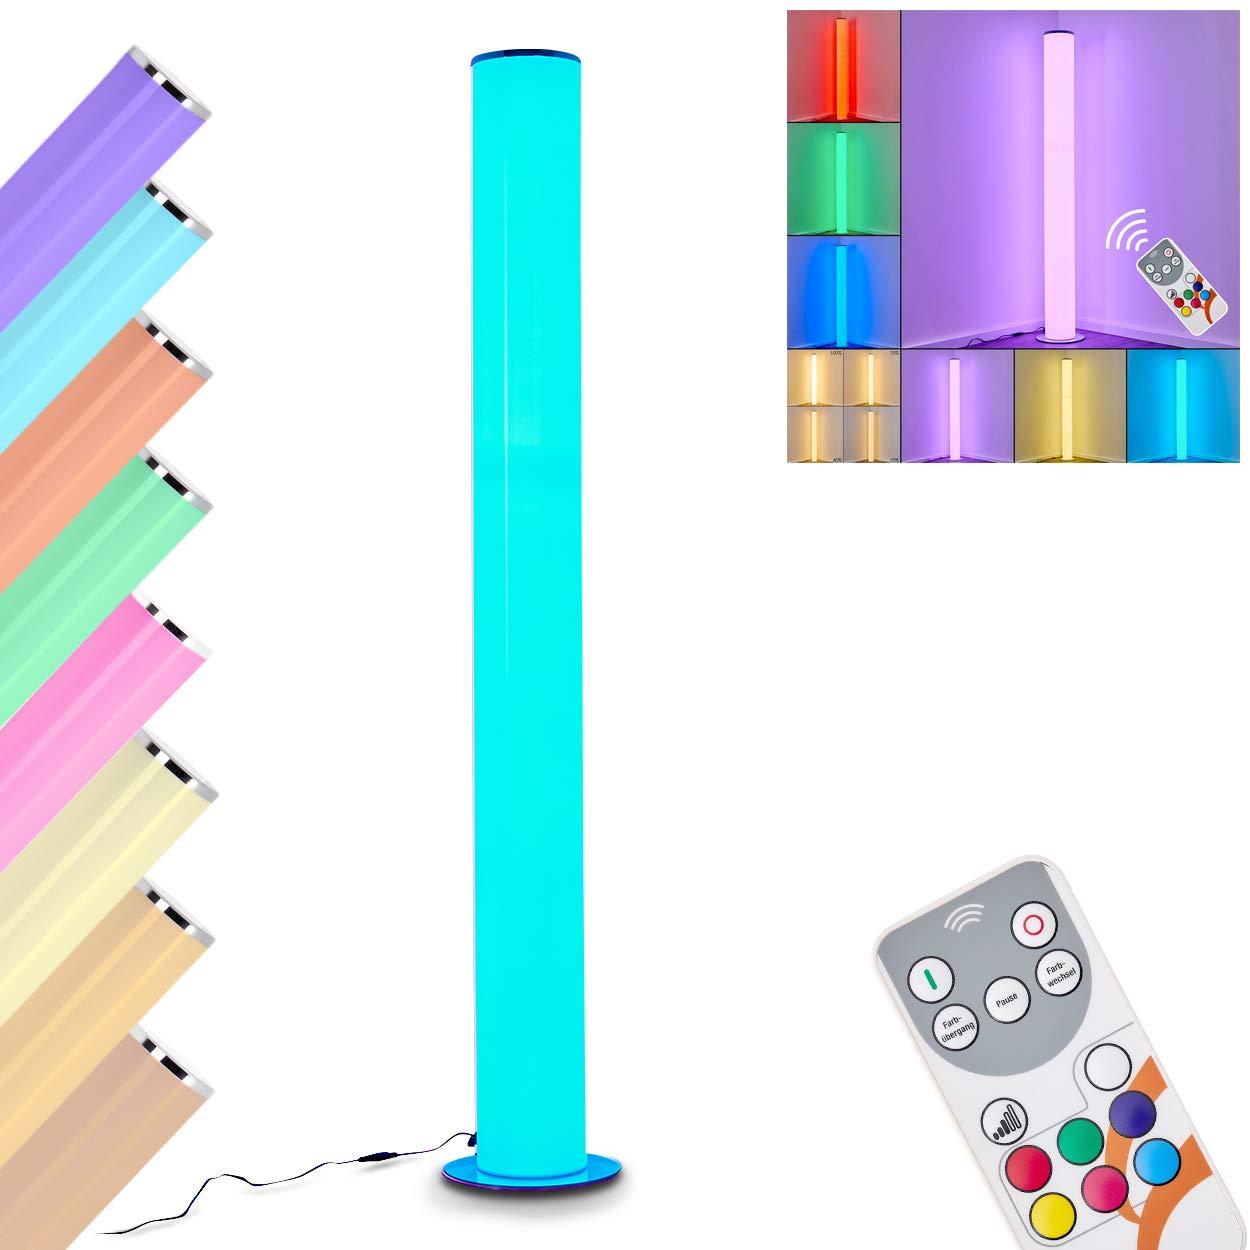 LED Stehleuchte Hemsdal aus Metall silber, Bodenlampe mit Fernbedienung für Schlafzimmer, Wohnzimmer - Die RGB LEDs beliebig angesteuert werden, die weiße Beleuchtung ist in 3 Stufen dimmbar